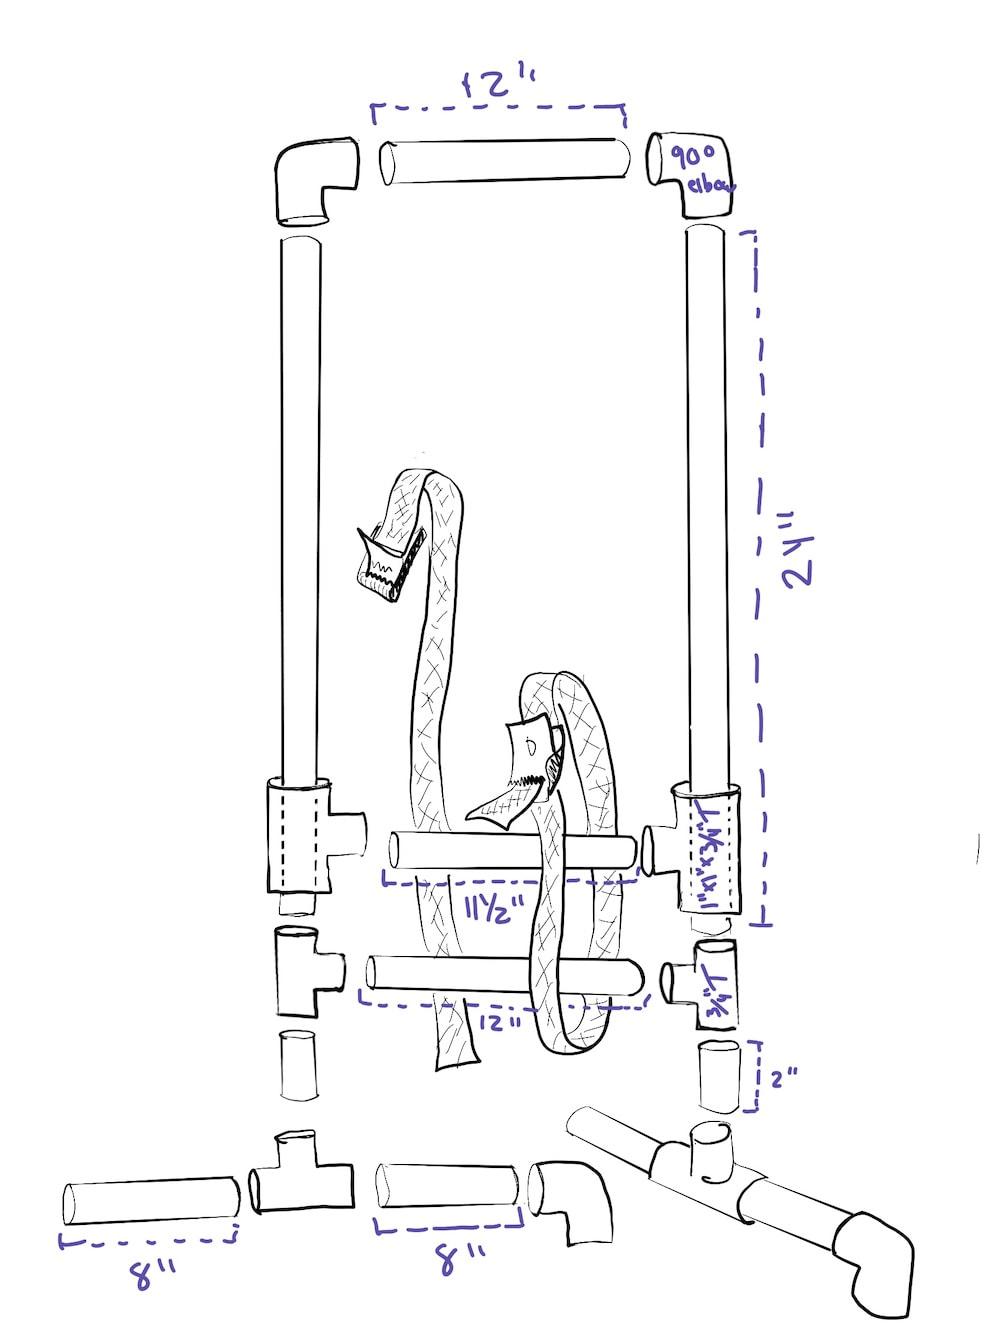 medium resolution of pvc loom specs for tensioned tapestry loom